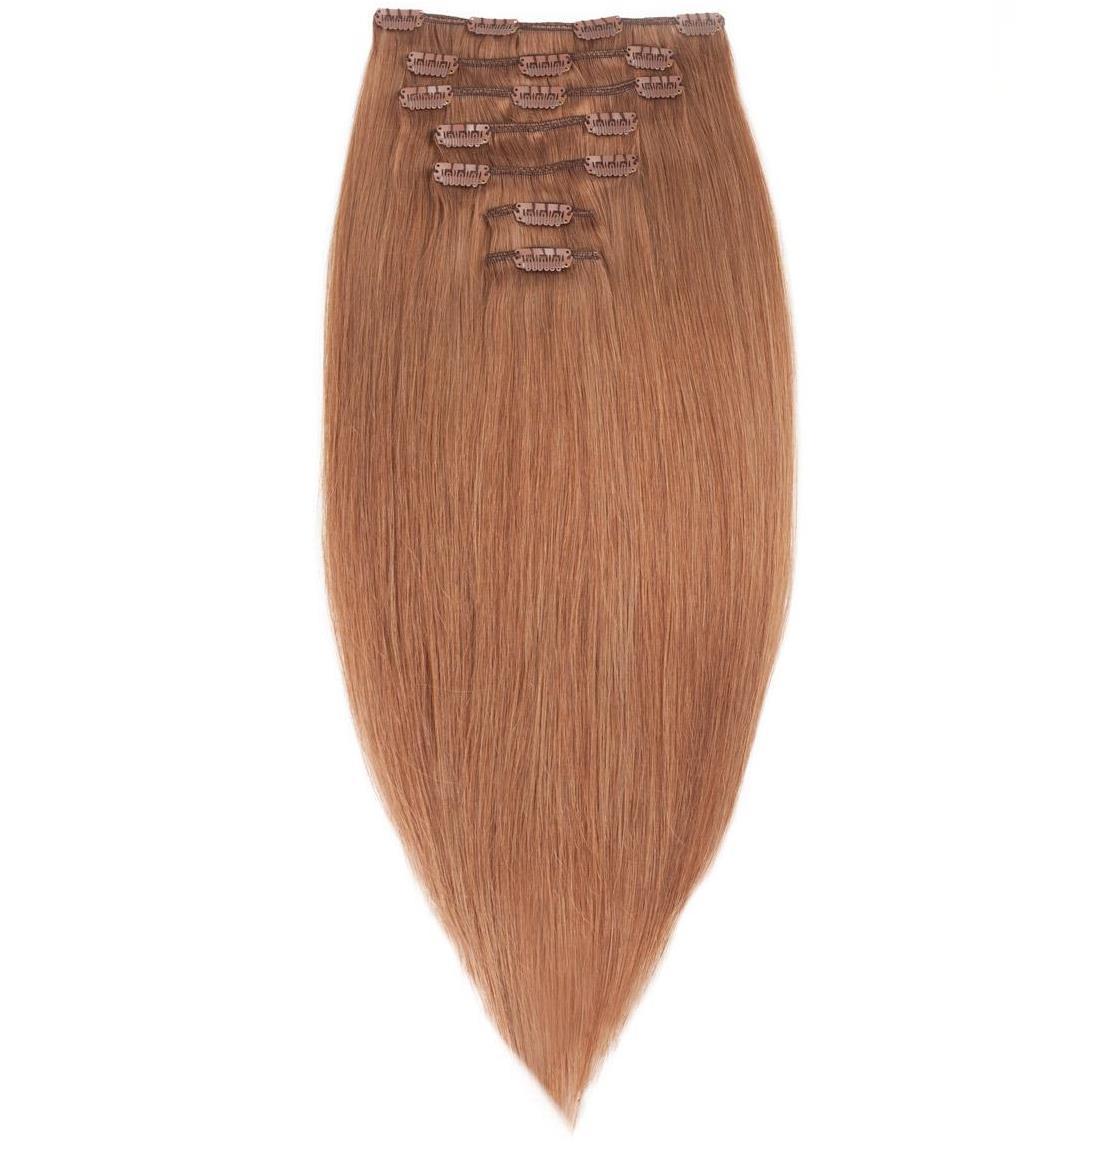 Волосся на заколках 50 см. Колір #12 Темно-рудий